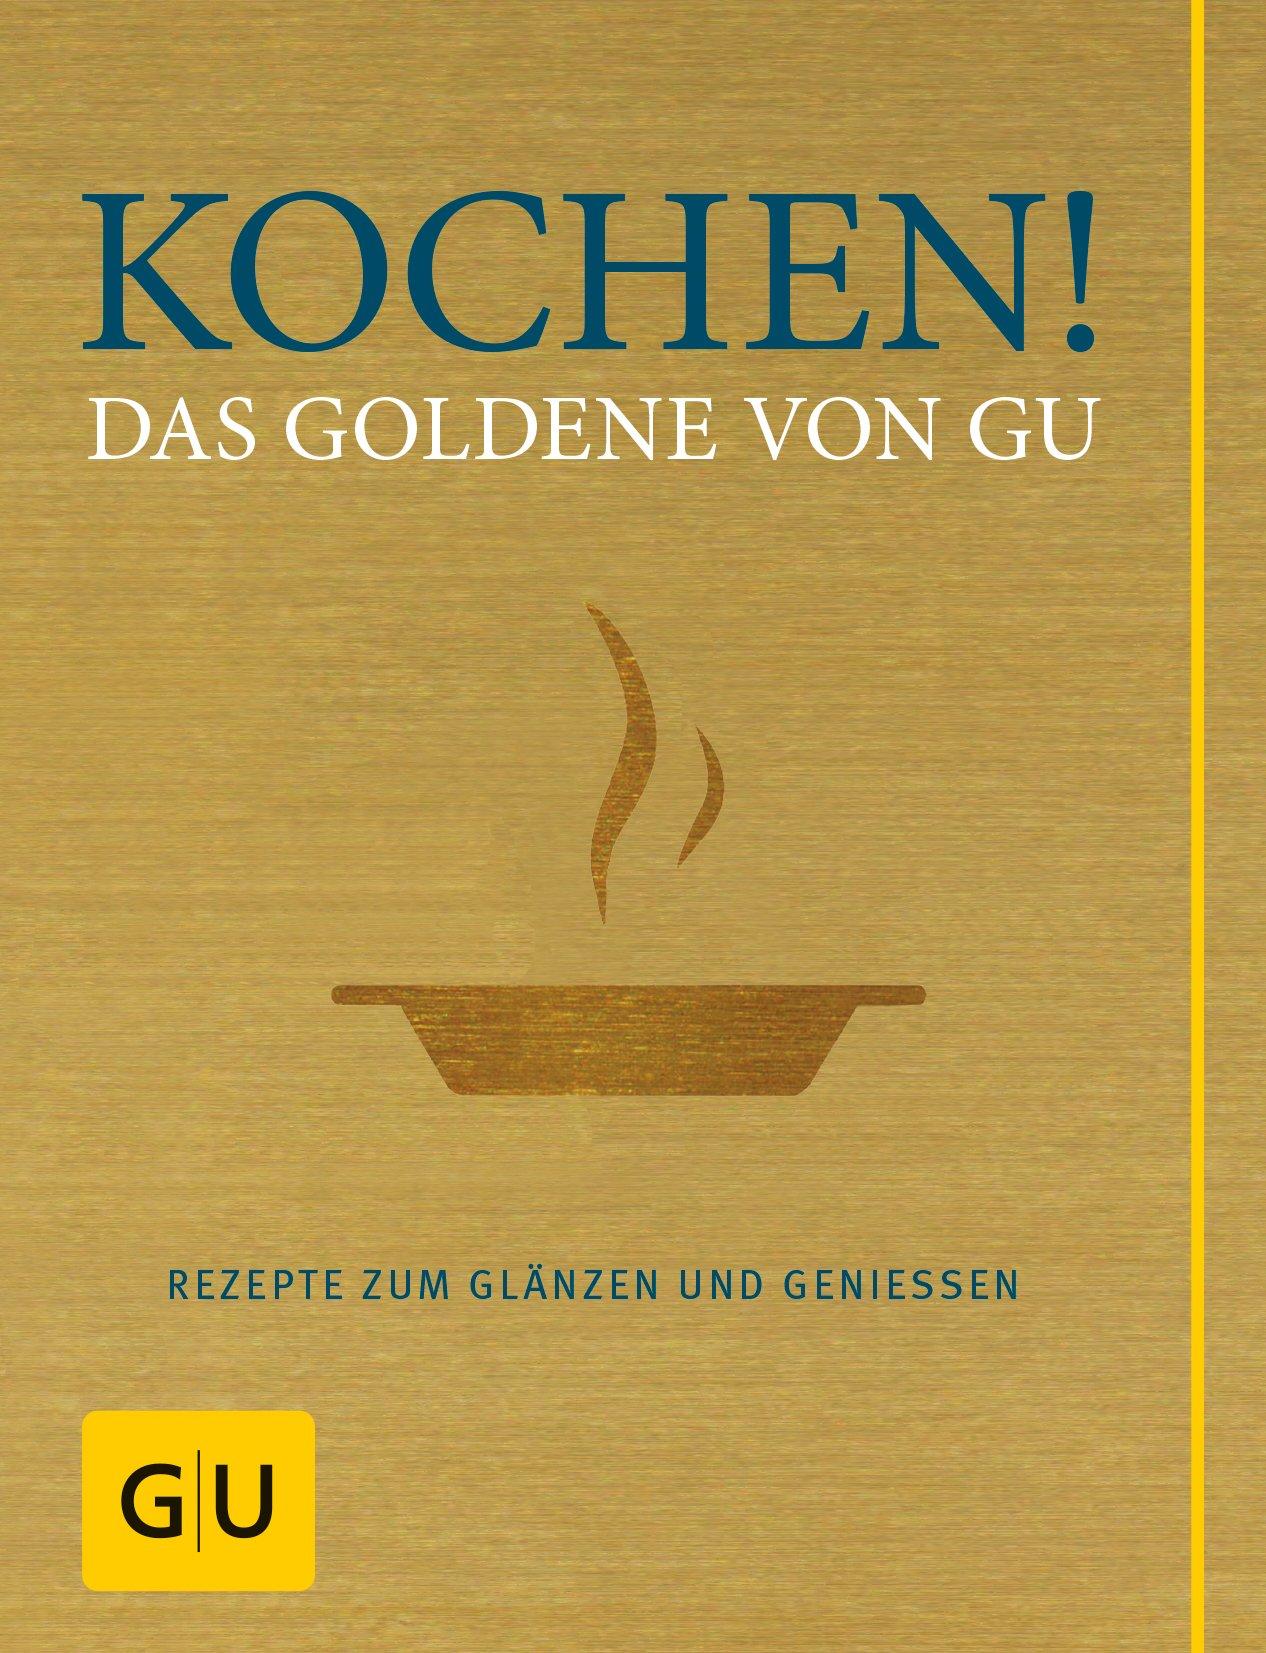 Kochen Das Goldene von GU Rezepte zum Glänzen und Genießen GU